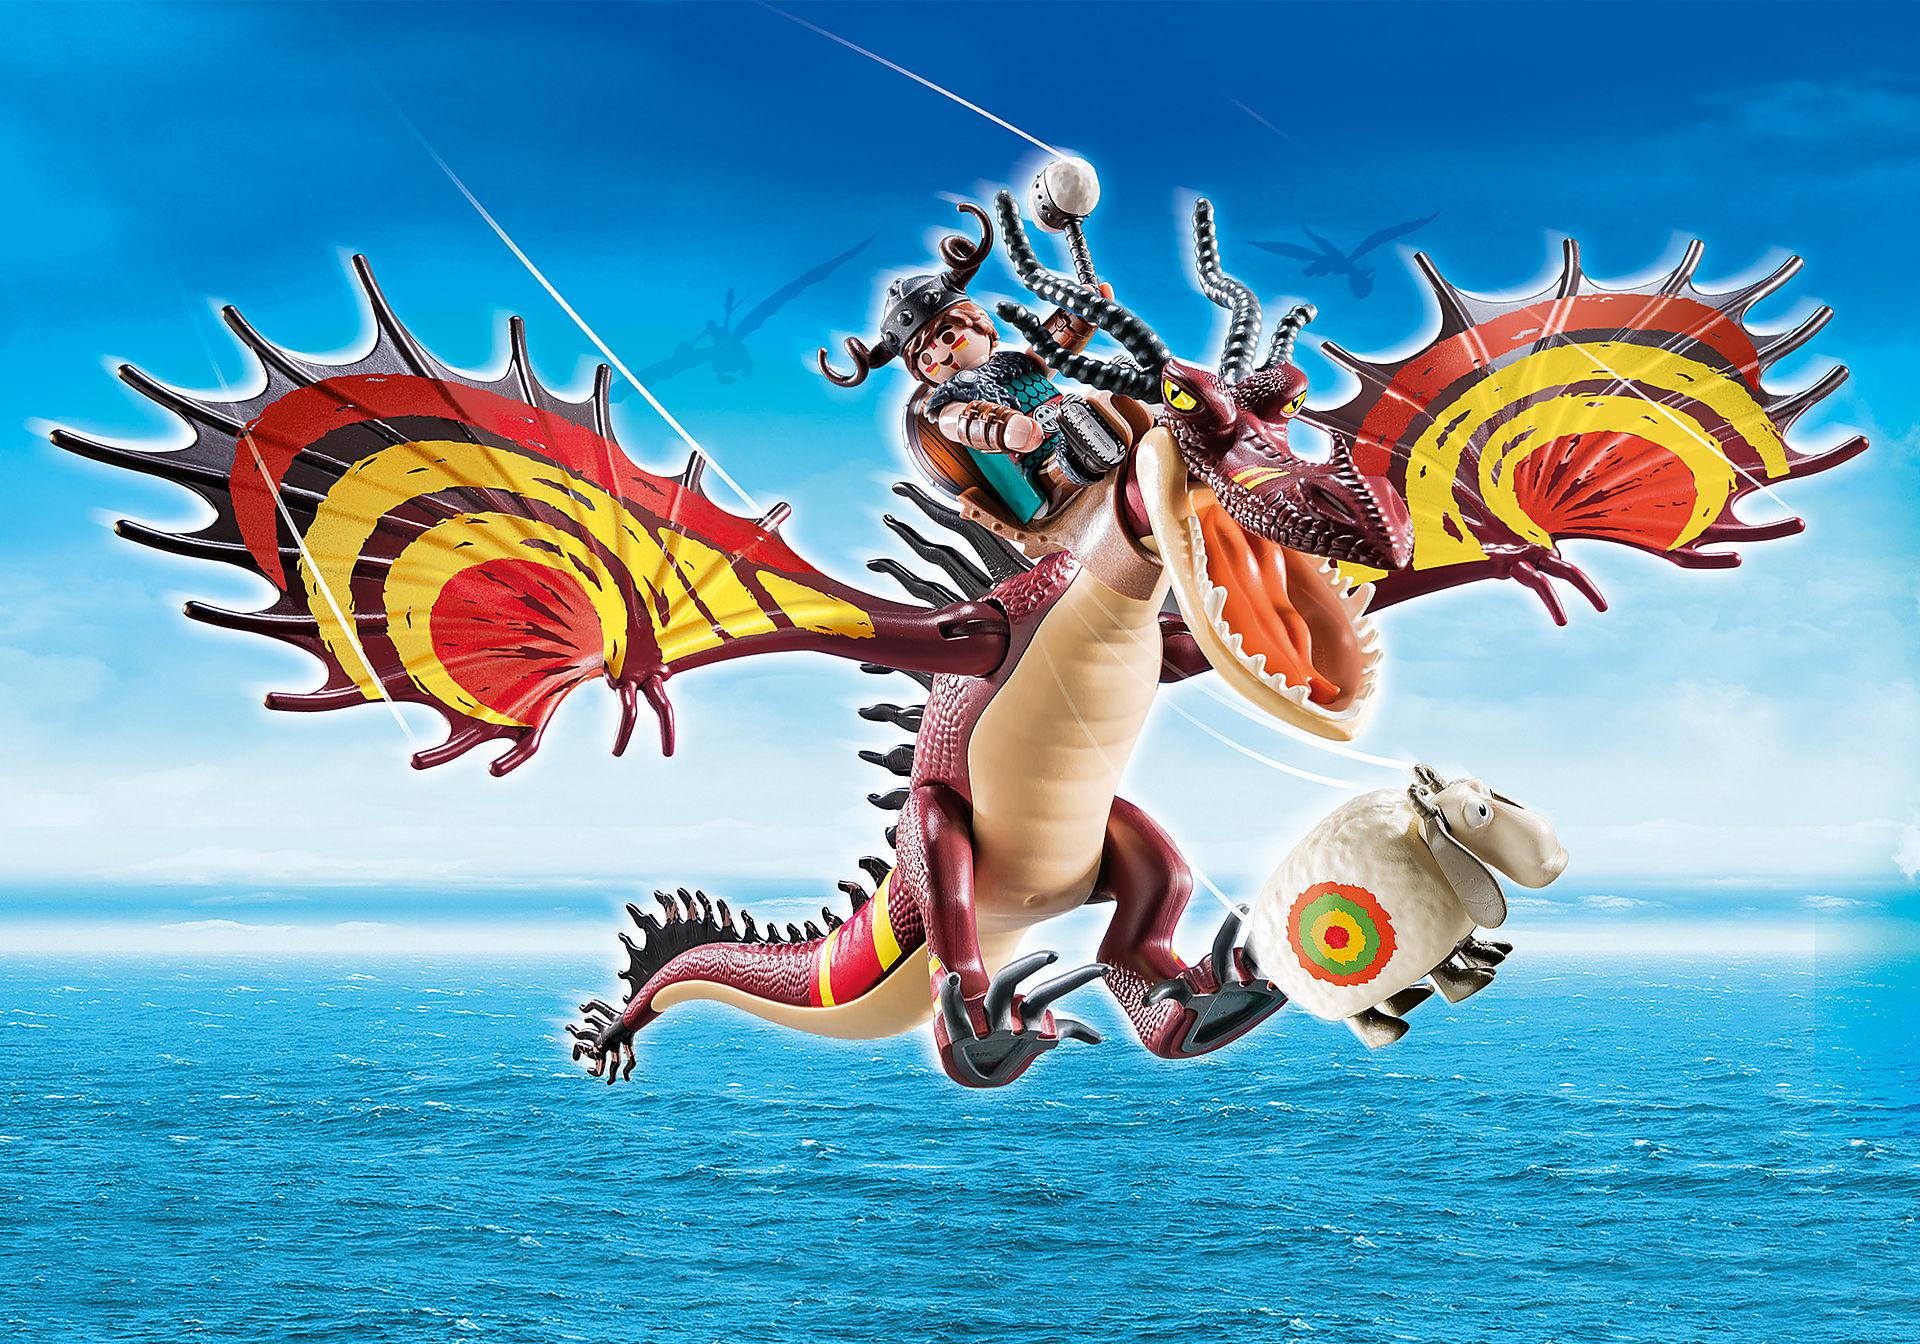 70731 Dragon Racing: Rustik et Krochefer  zoom image1